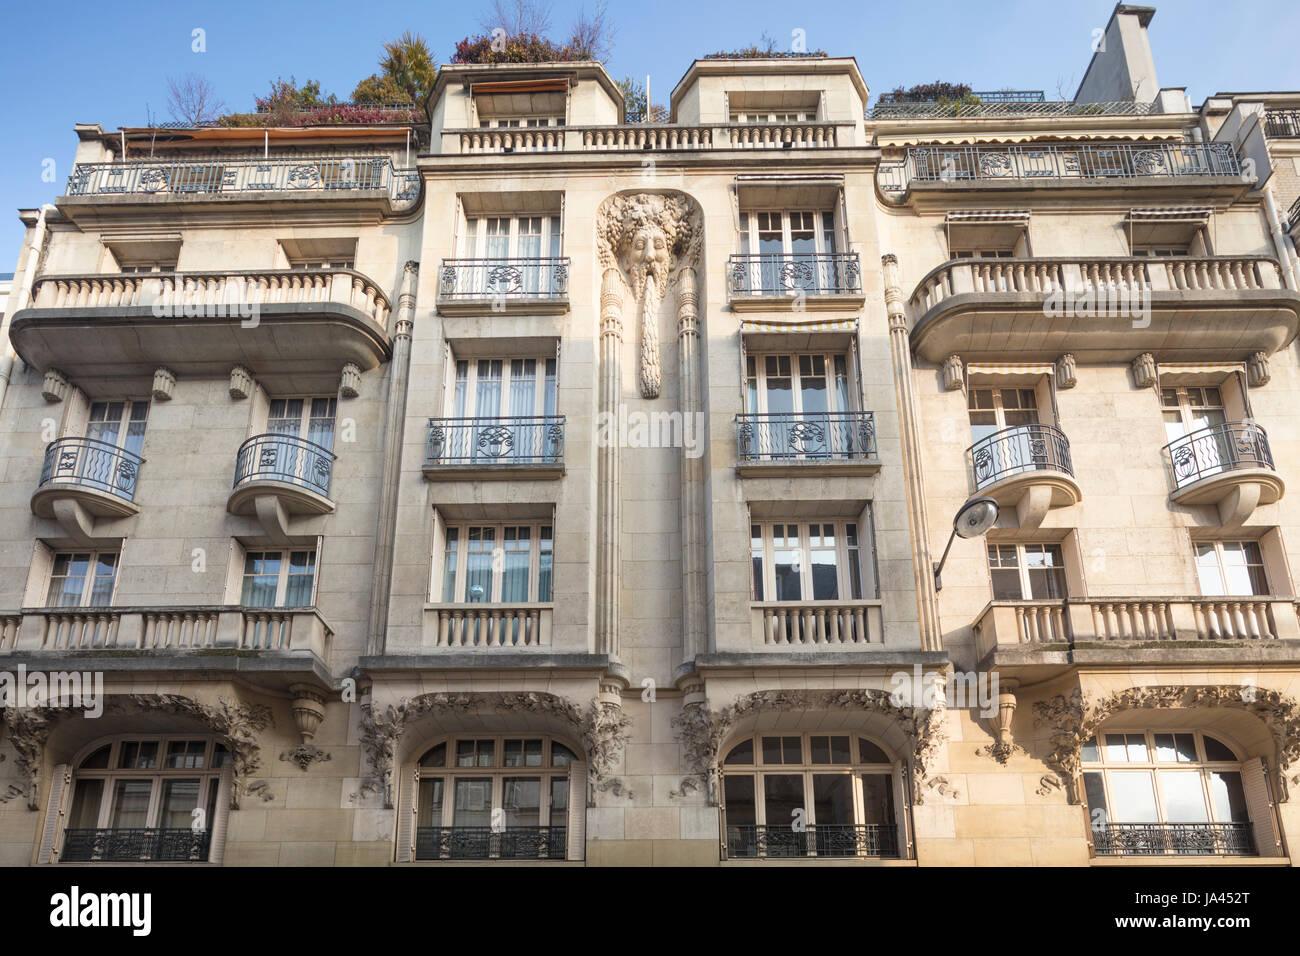 77326d05ba 1920s apartment building at 18 Rue de l'Assomption, Auteuil, Paris, France